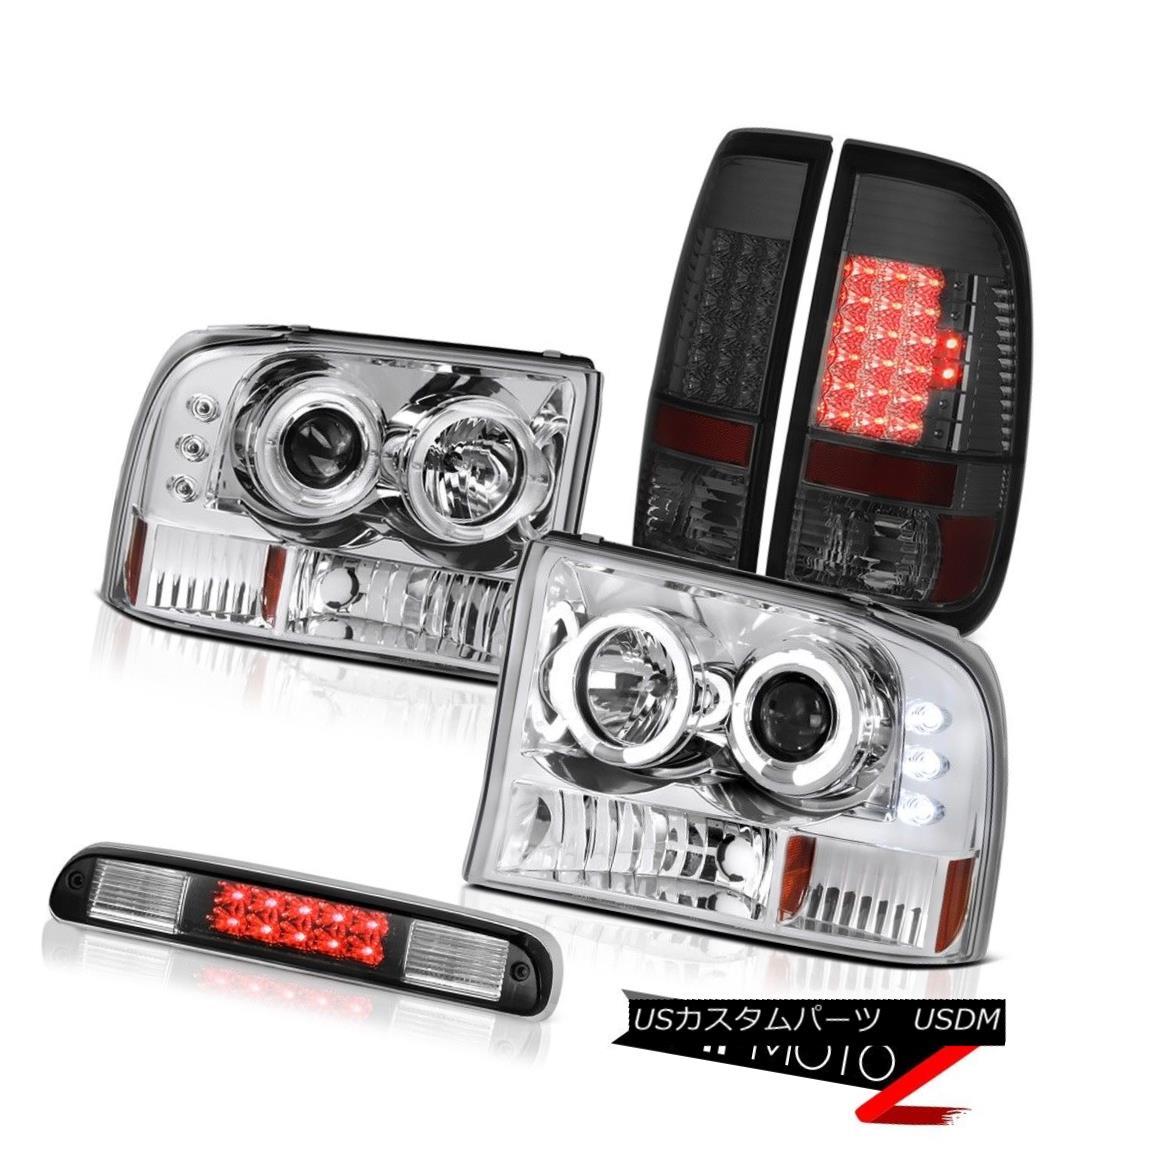 ヘッドライト Chrome LED Daytime Headlights Smoke Taillights High Stop Black 99-04 F250 6.8L クロームLED昼間ヘッドライト煙灯灯ハイストップブラック99-04 F250 6.8L